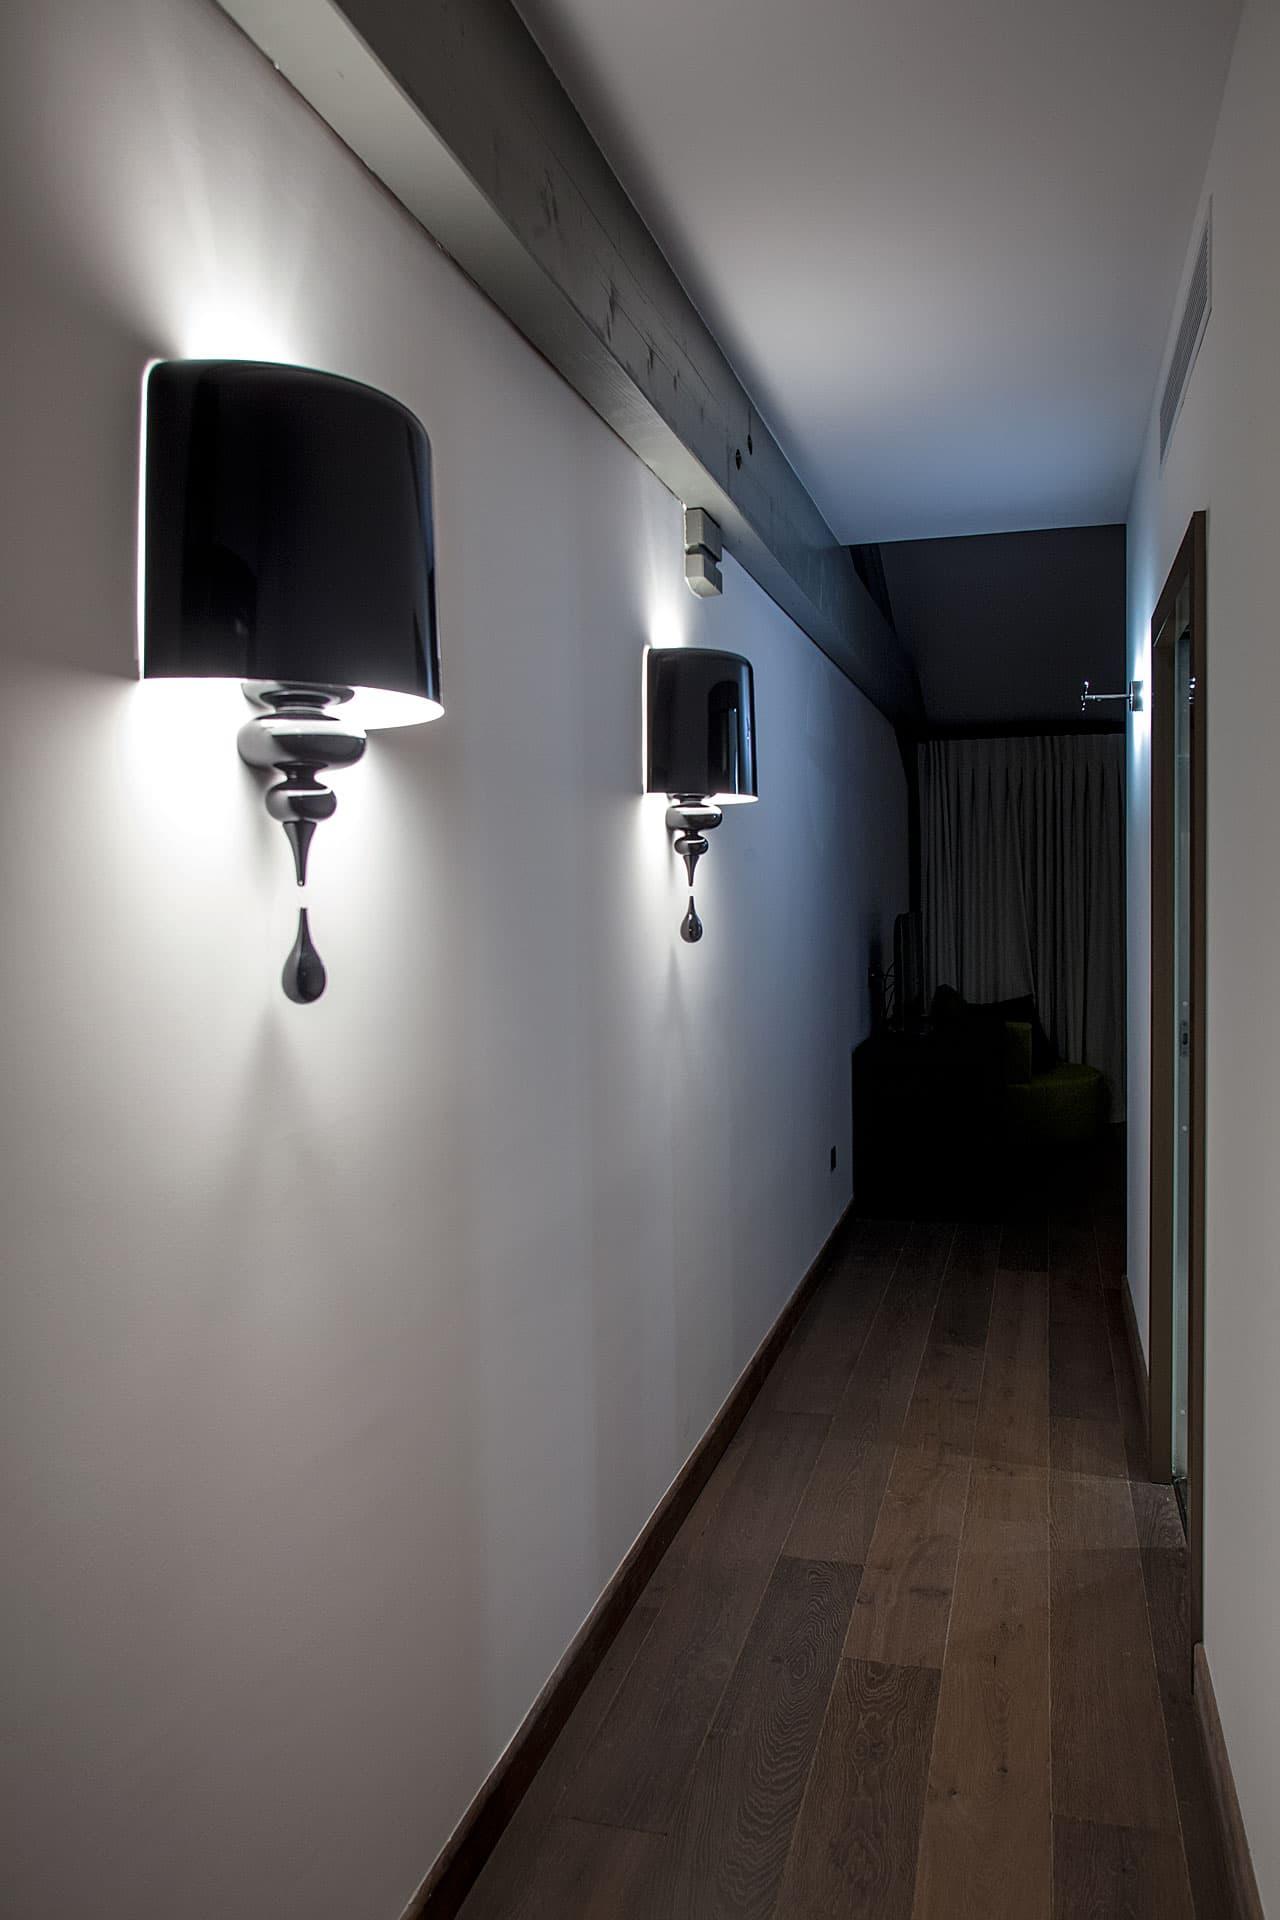 Eclairage d'un couloir avec deux appliques dans le Domaine de Manville